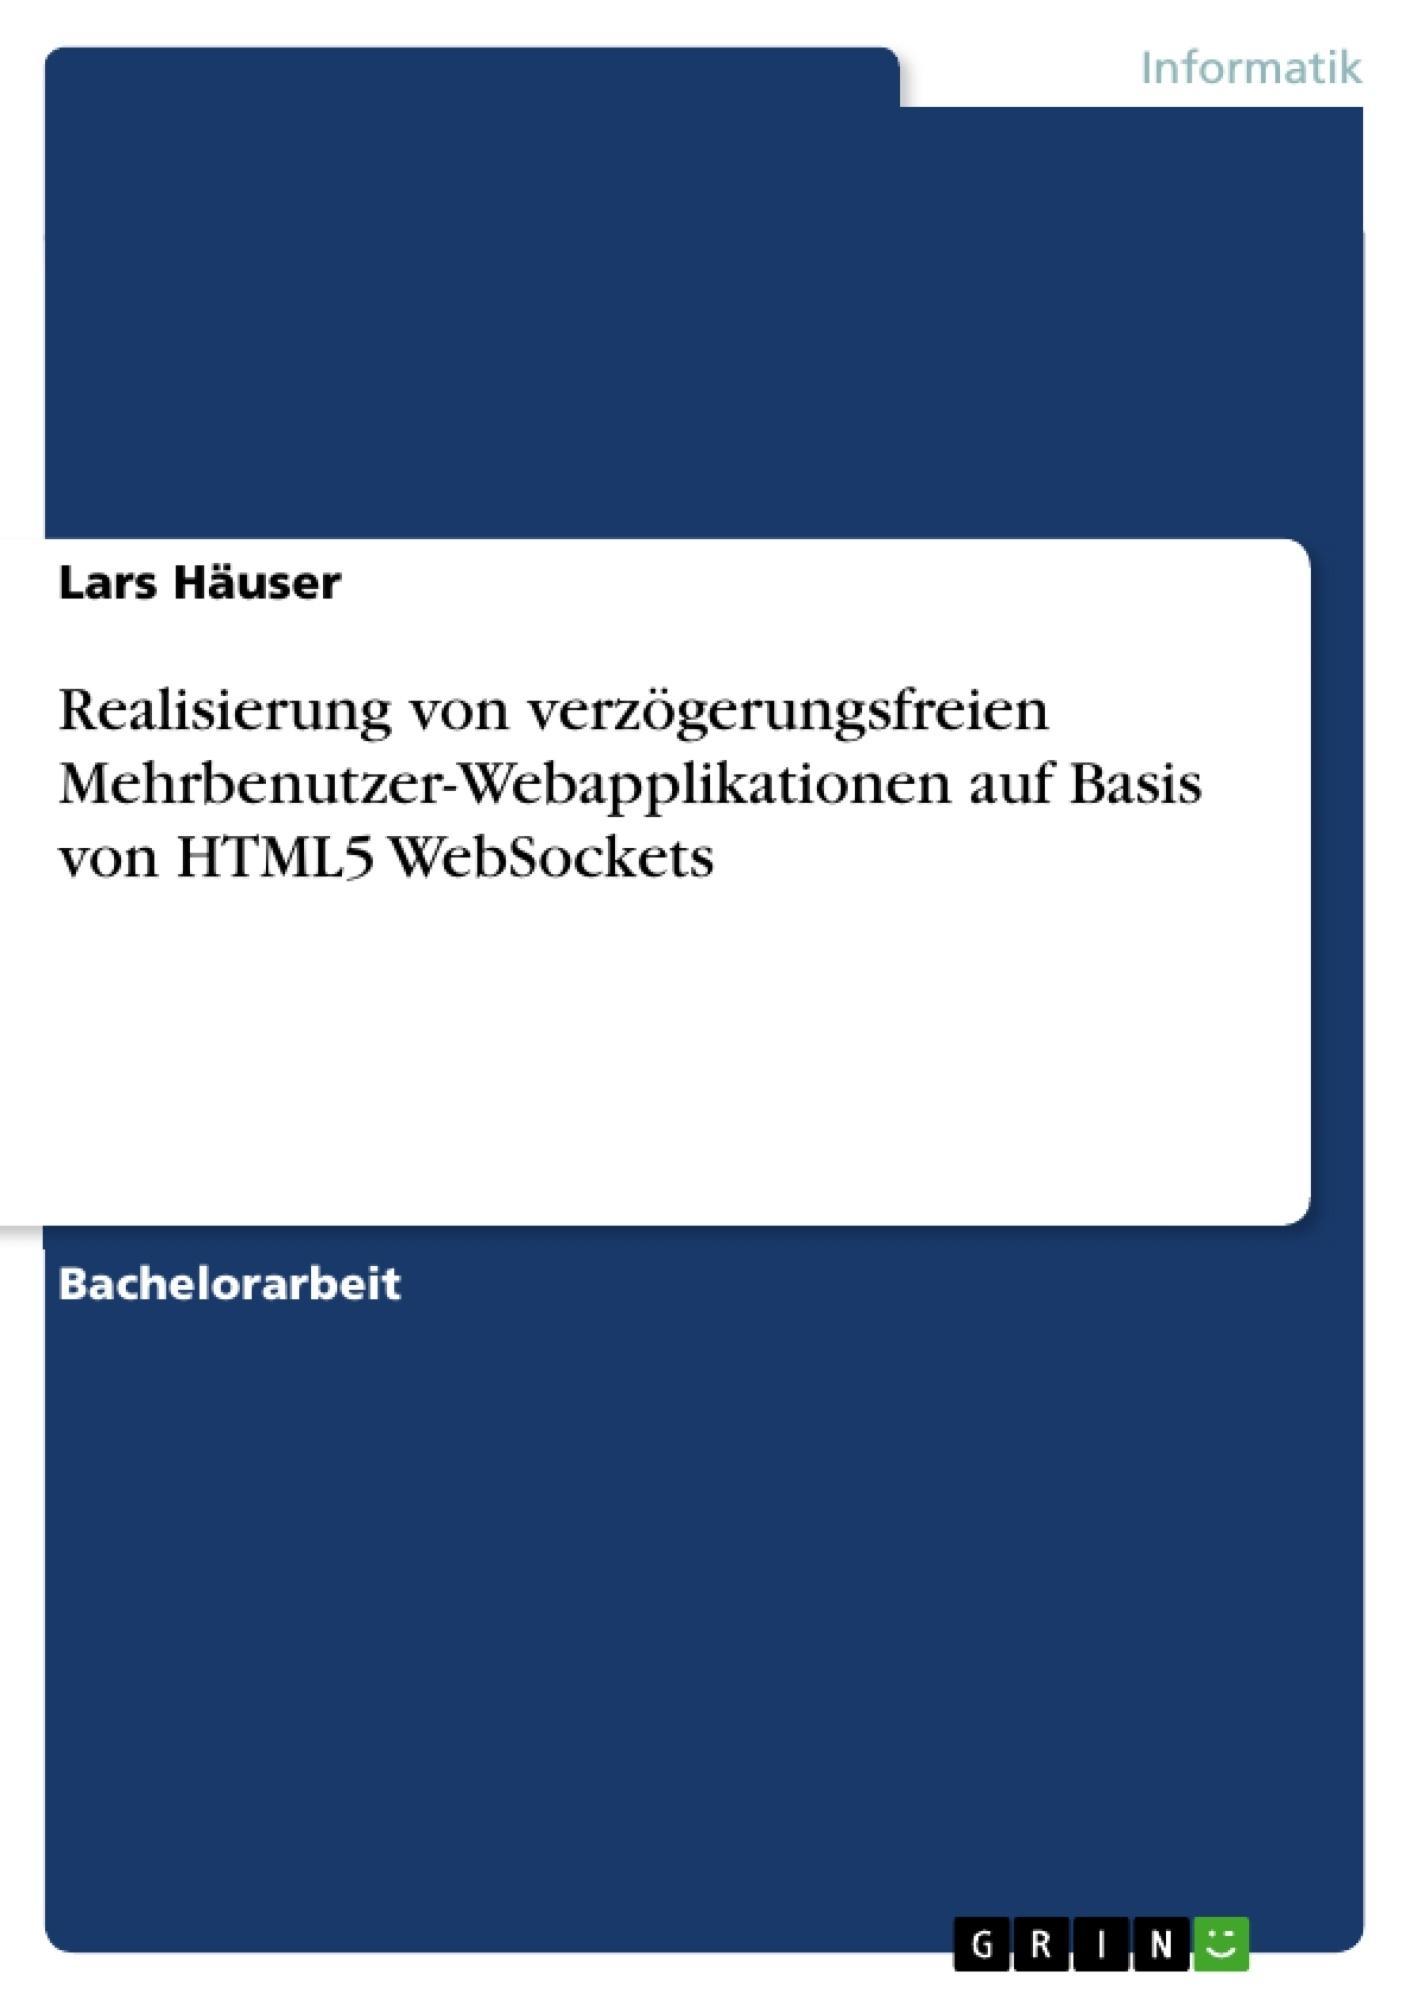 Titel: Realisierung von verzögerungsfreien Mehrbenutzer-Webapplikationen auf Basis von HTML5 WebSockets